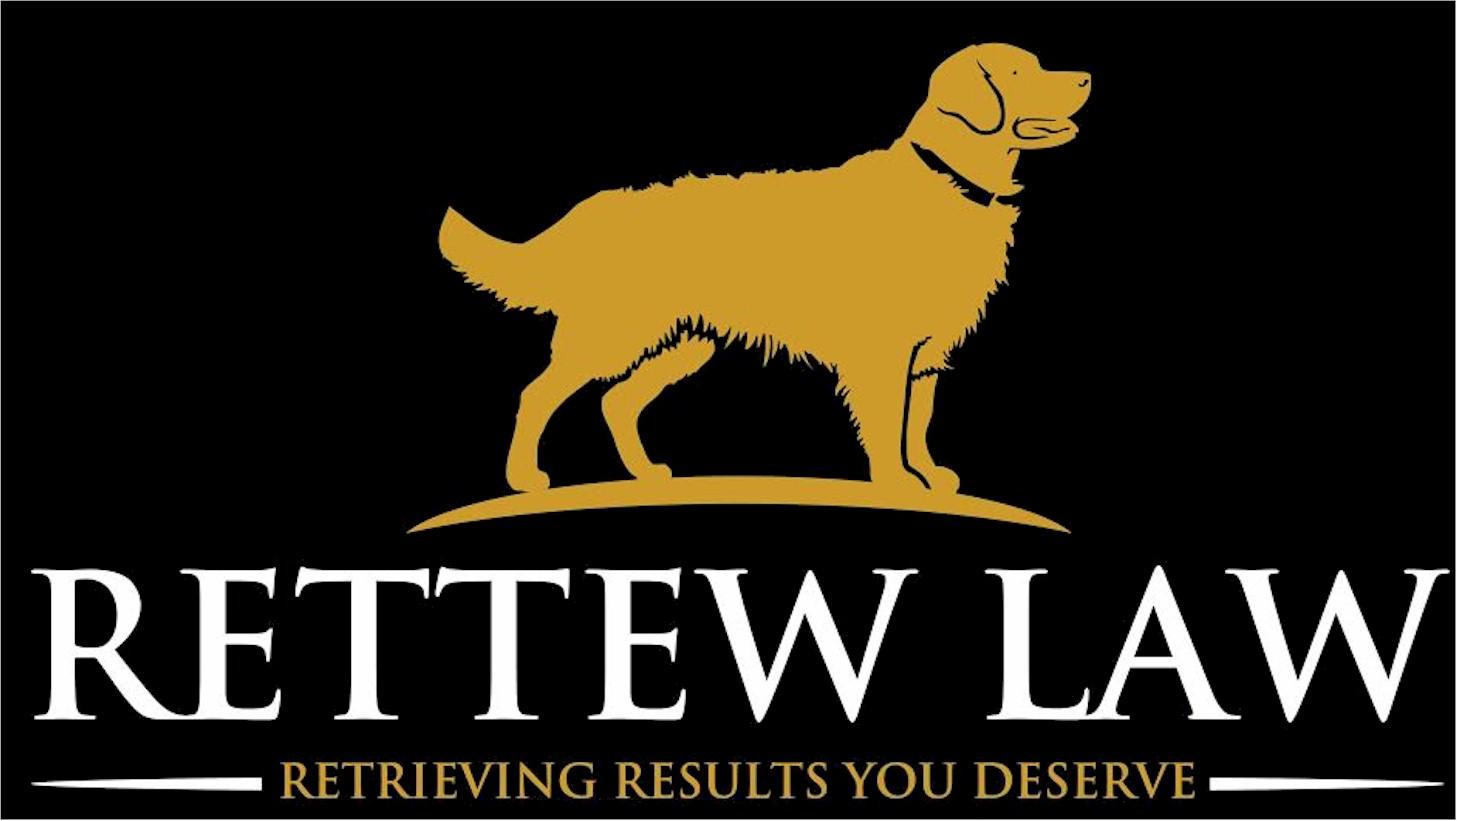 Rettew Law